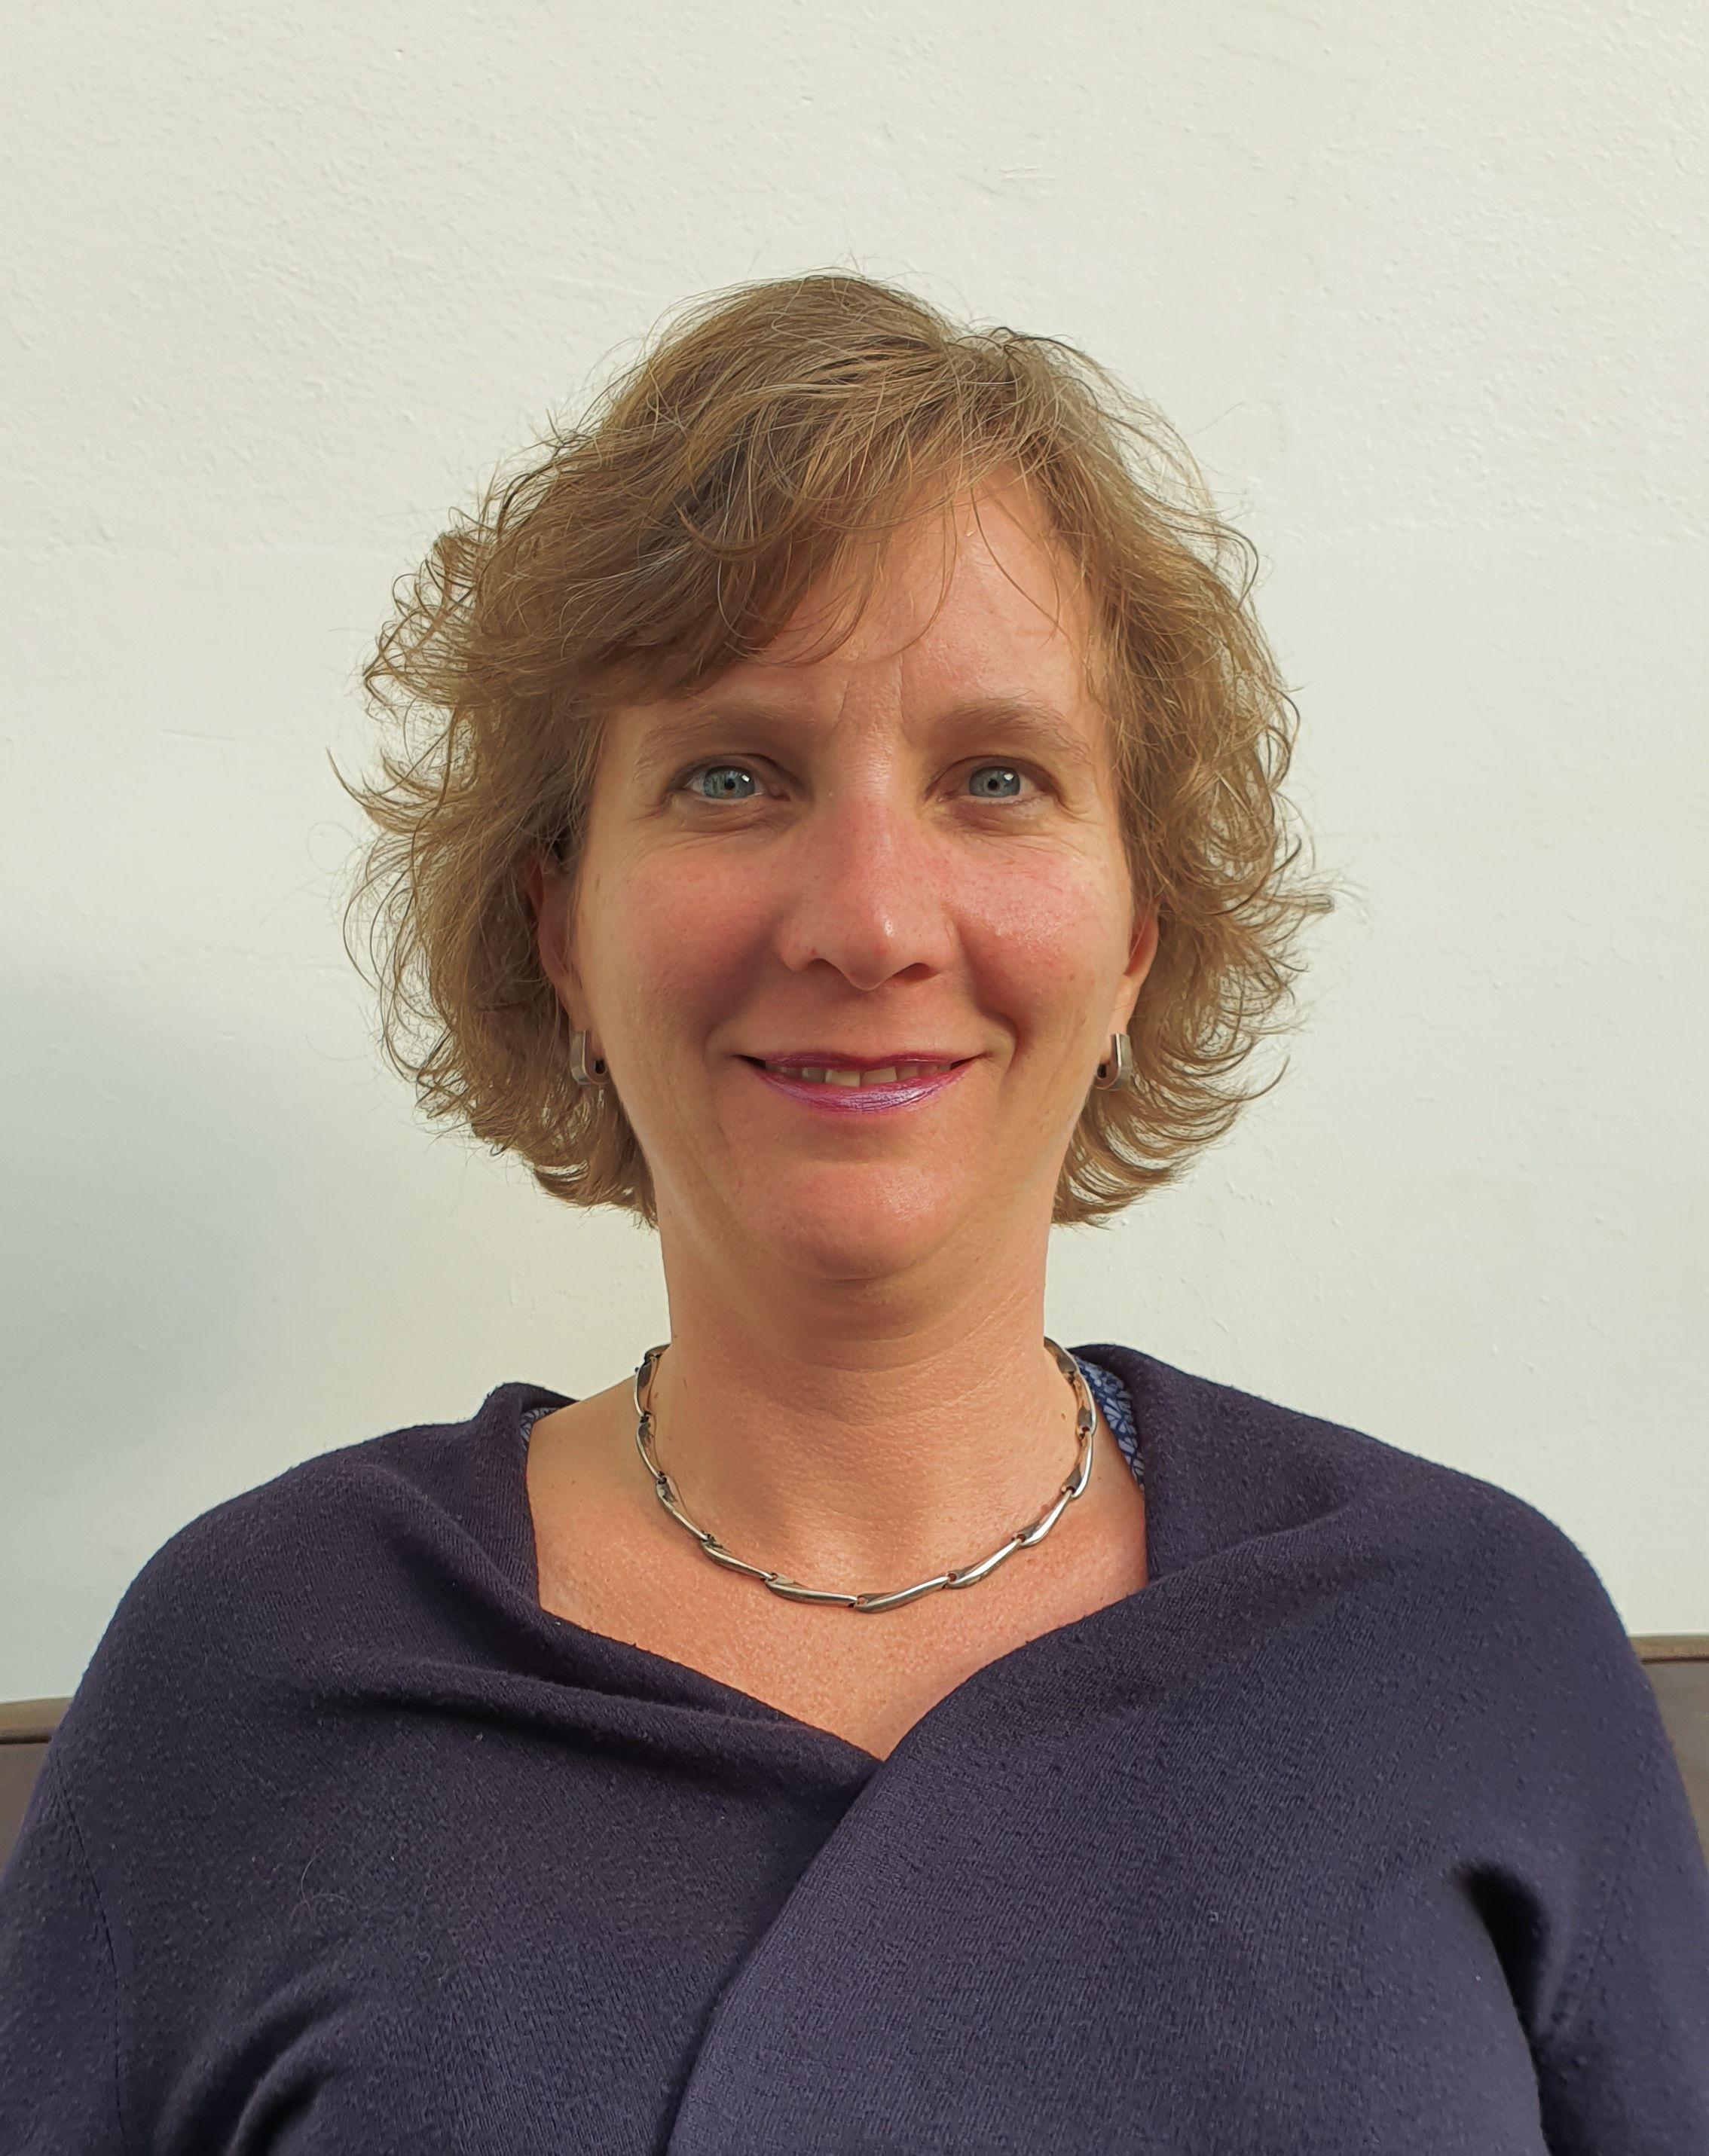 Annette Bellinghausen